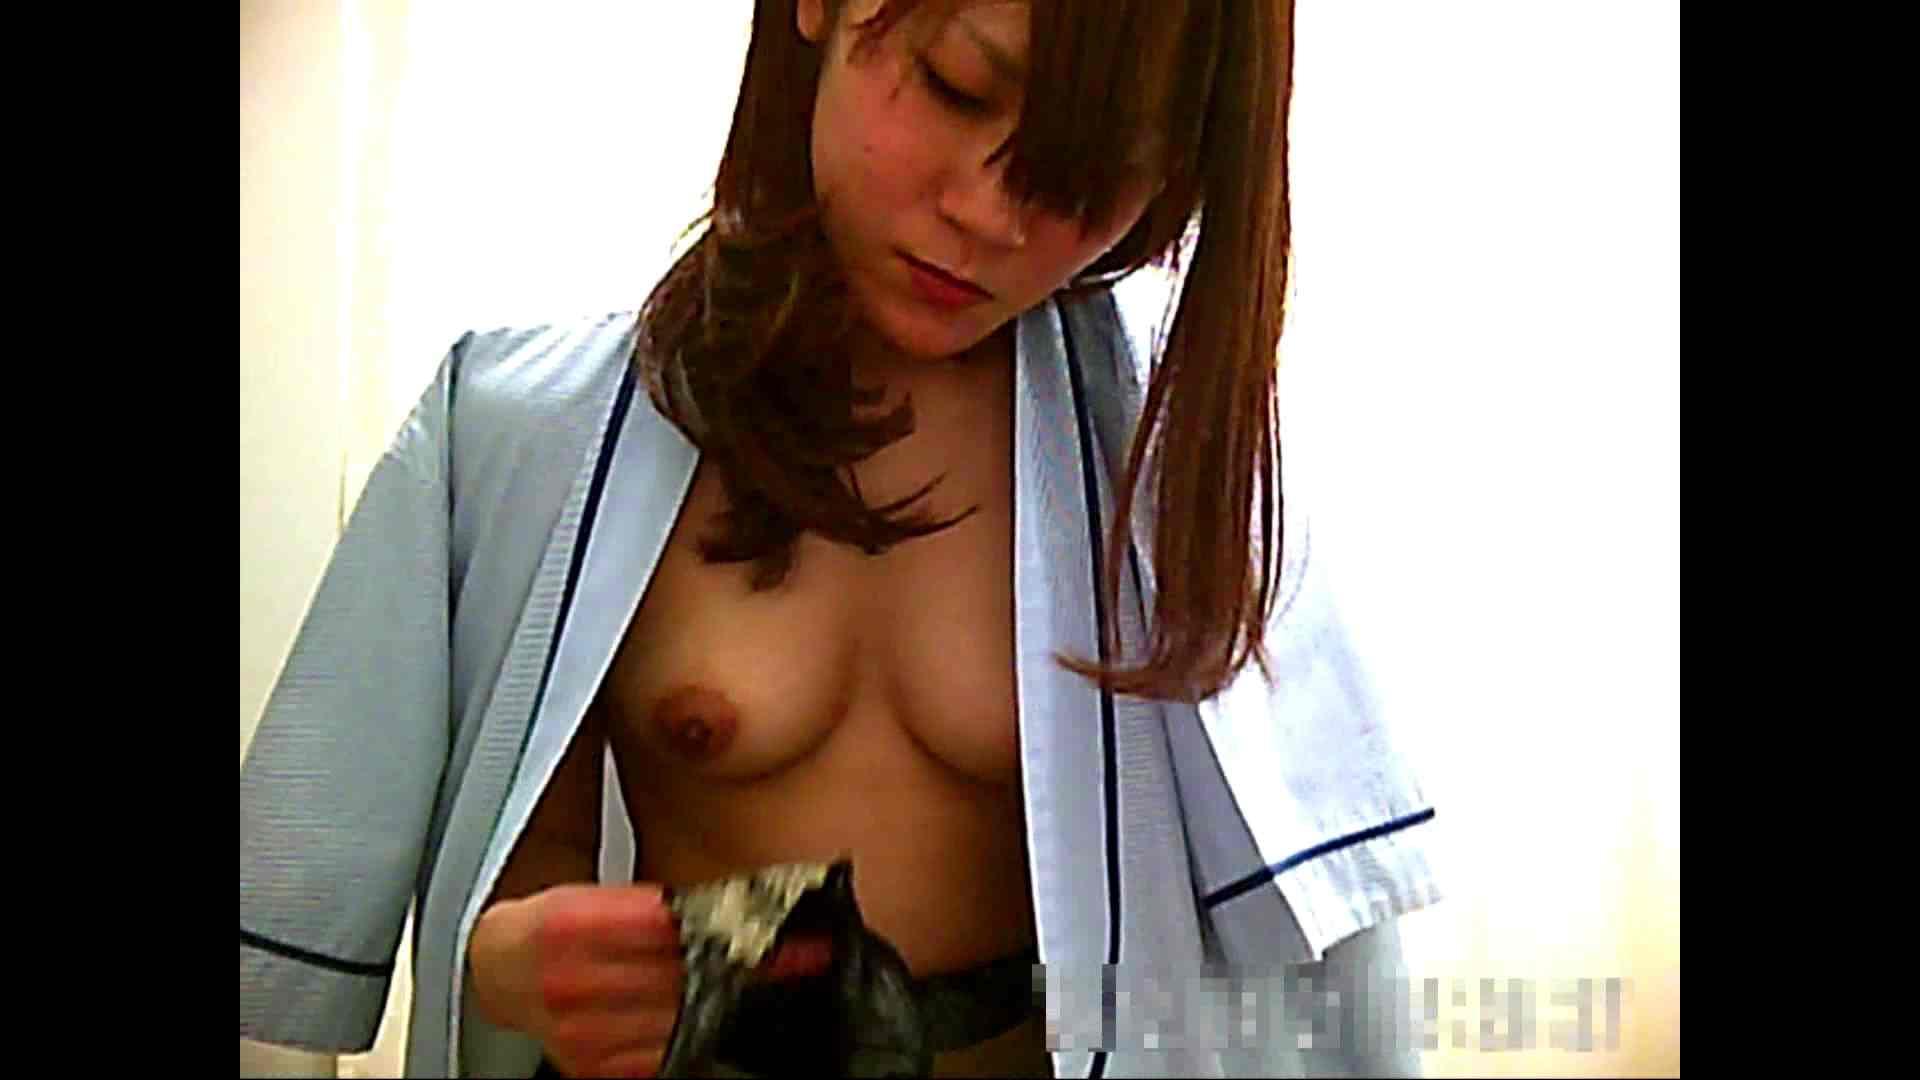 病院おもいっきり着替え! vol.284 おっぱい オマンコ無修正動画無料 56連発 44